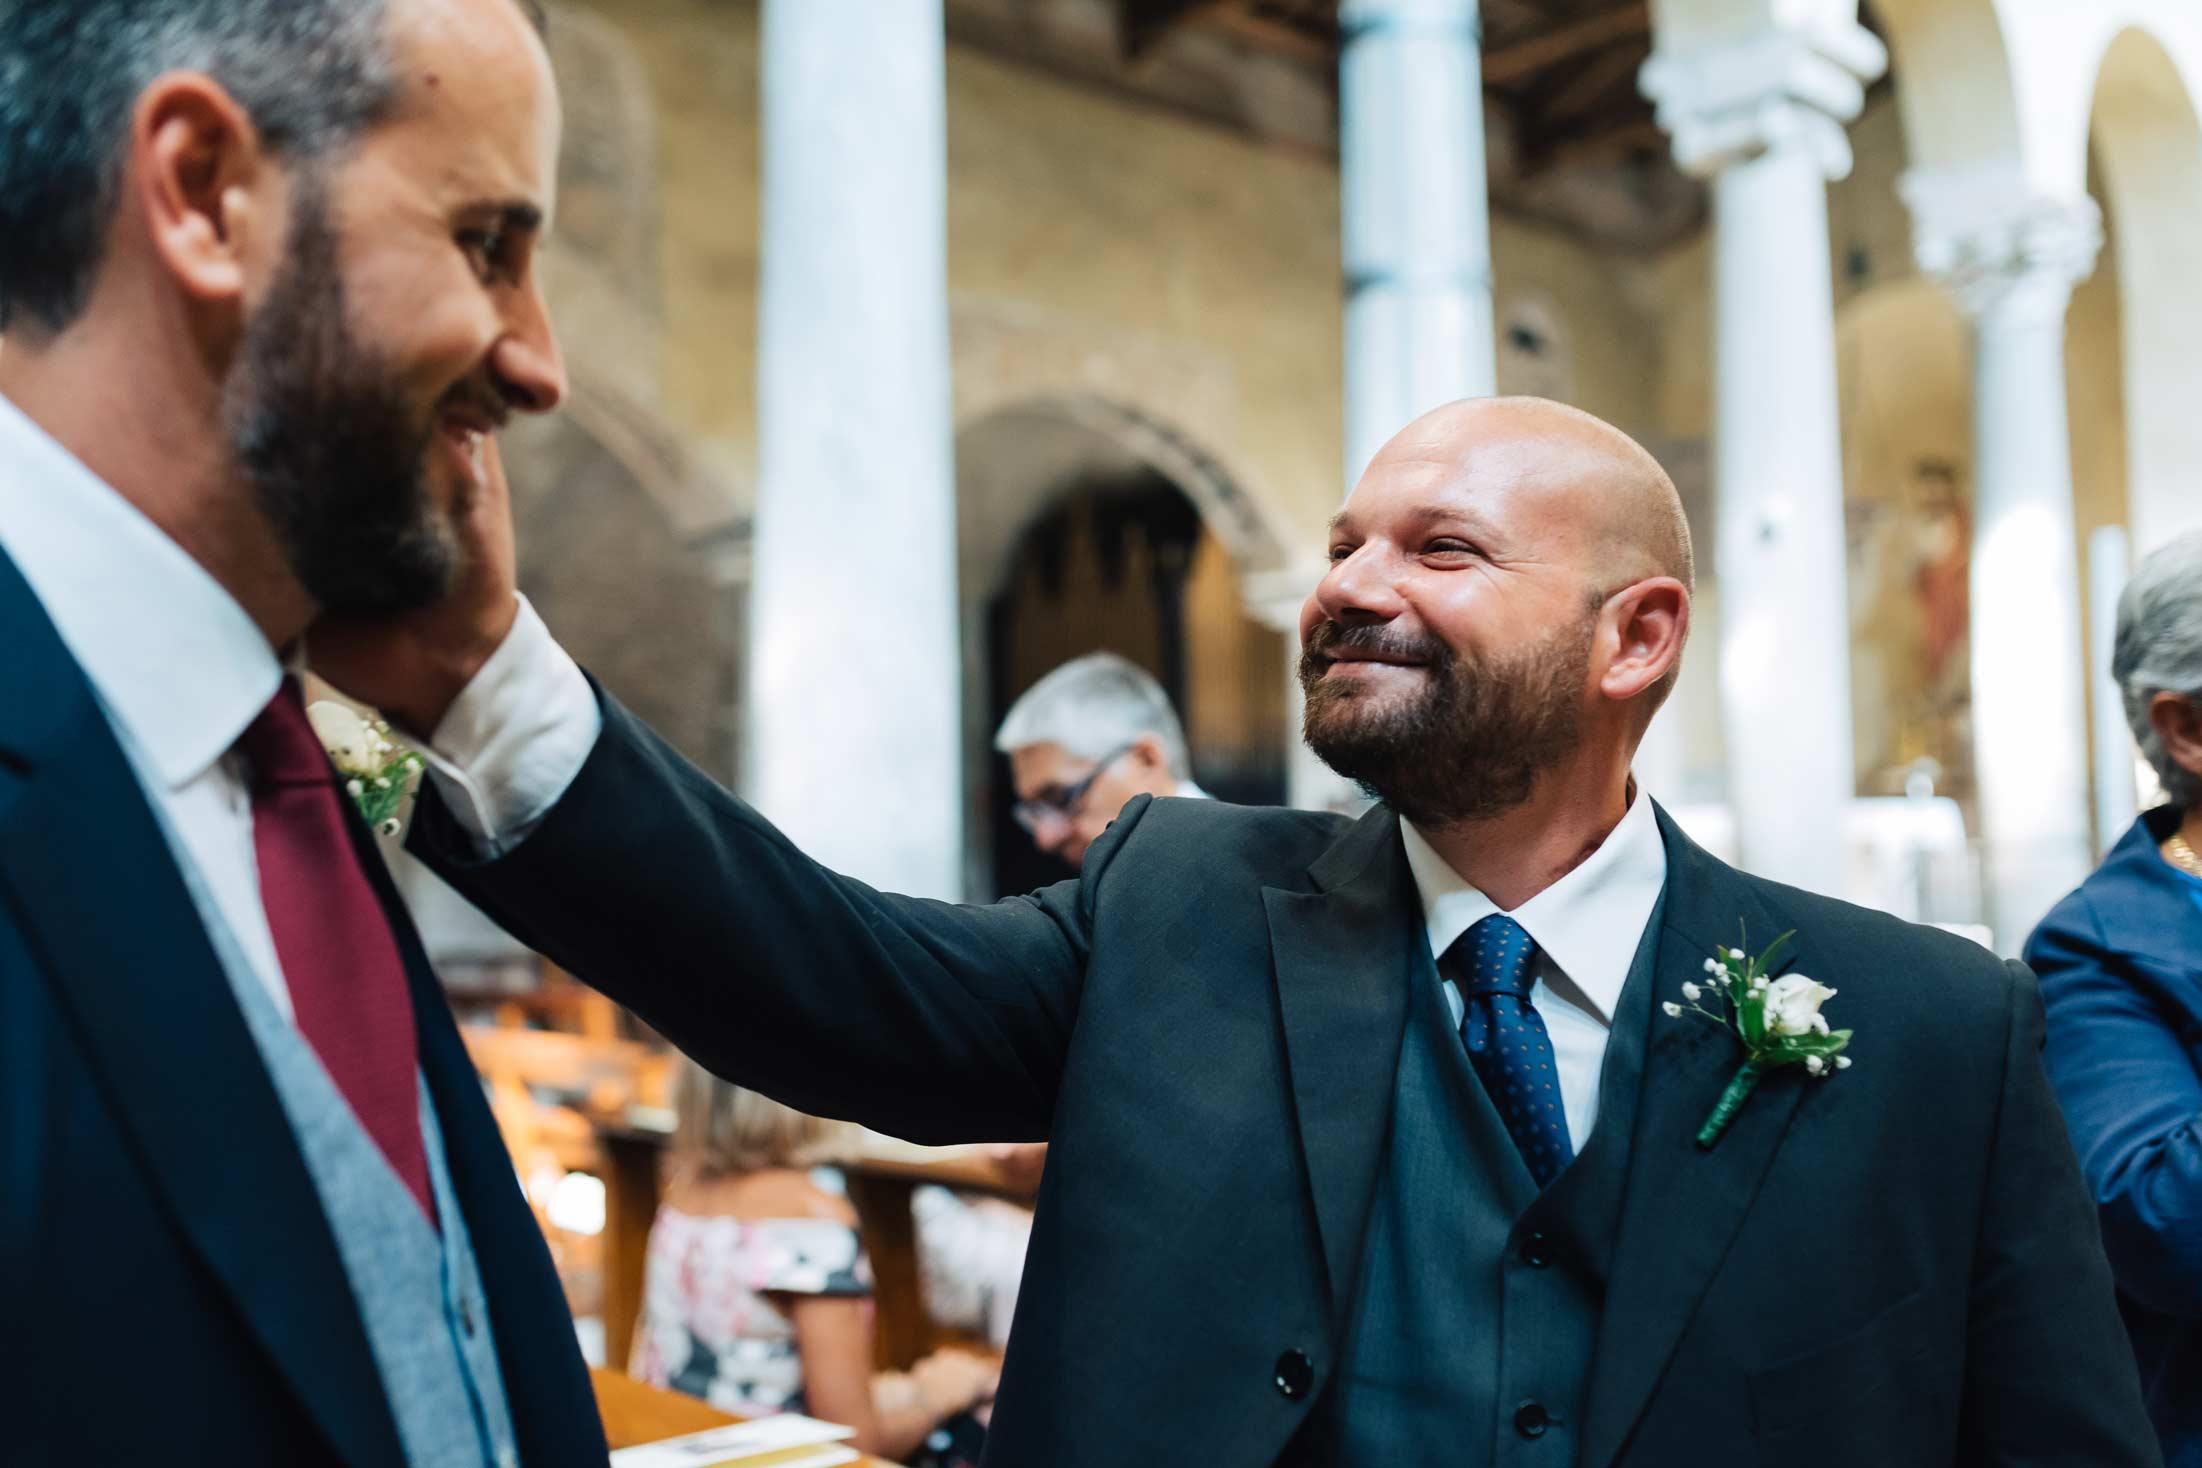 Fotografo-Per-Matrimonio-Roma-Cerimonia